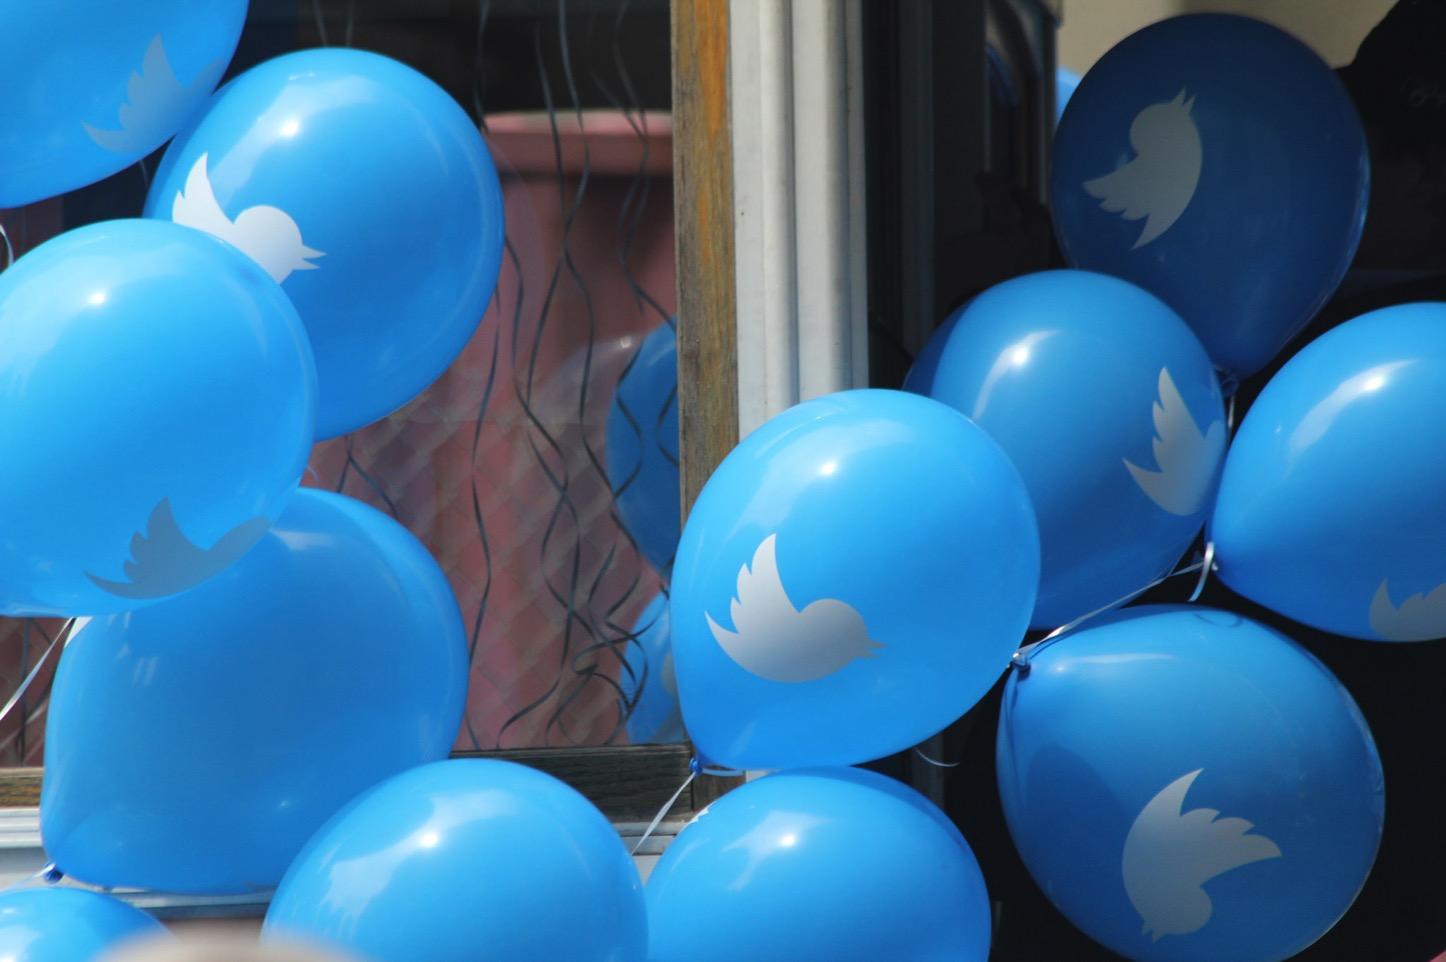 Twitter Balloon